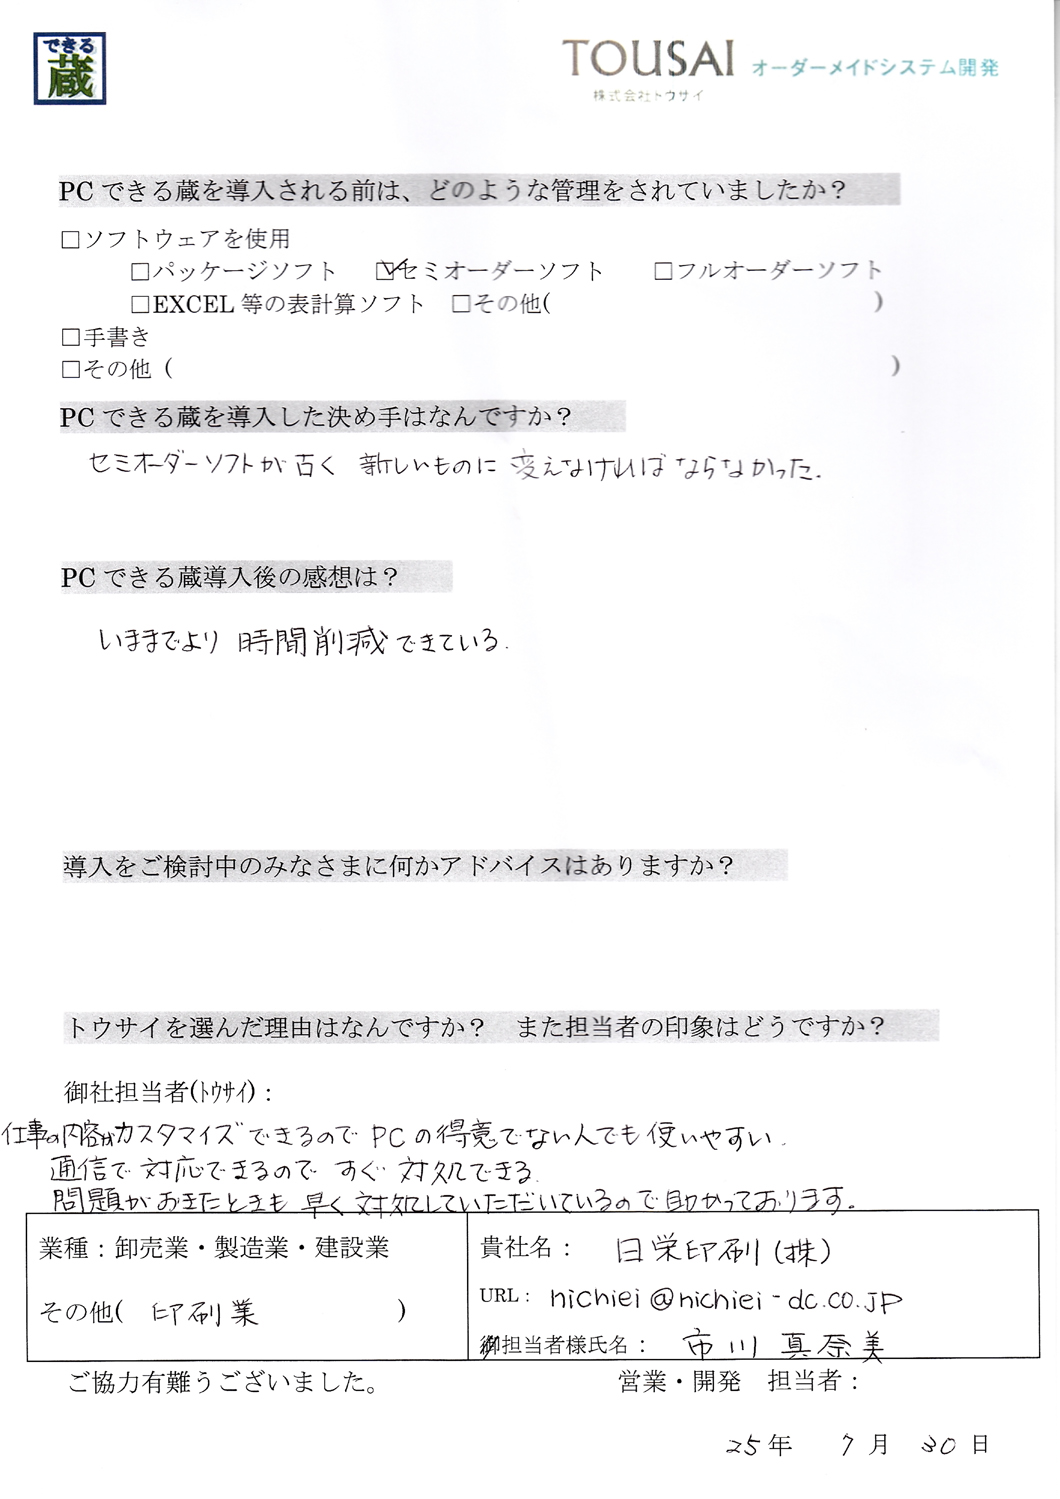 日栄印刷株式会社様